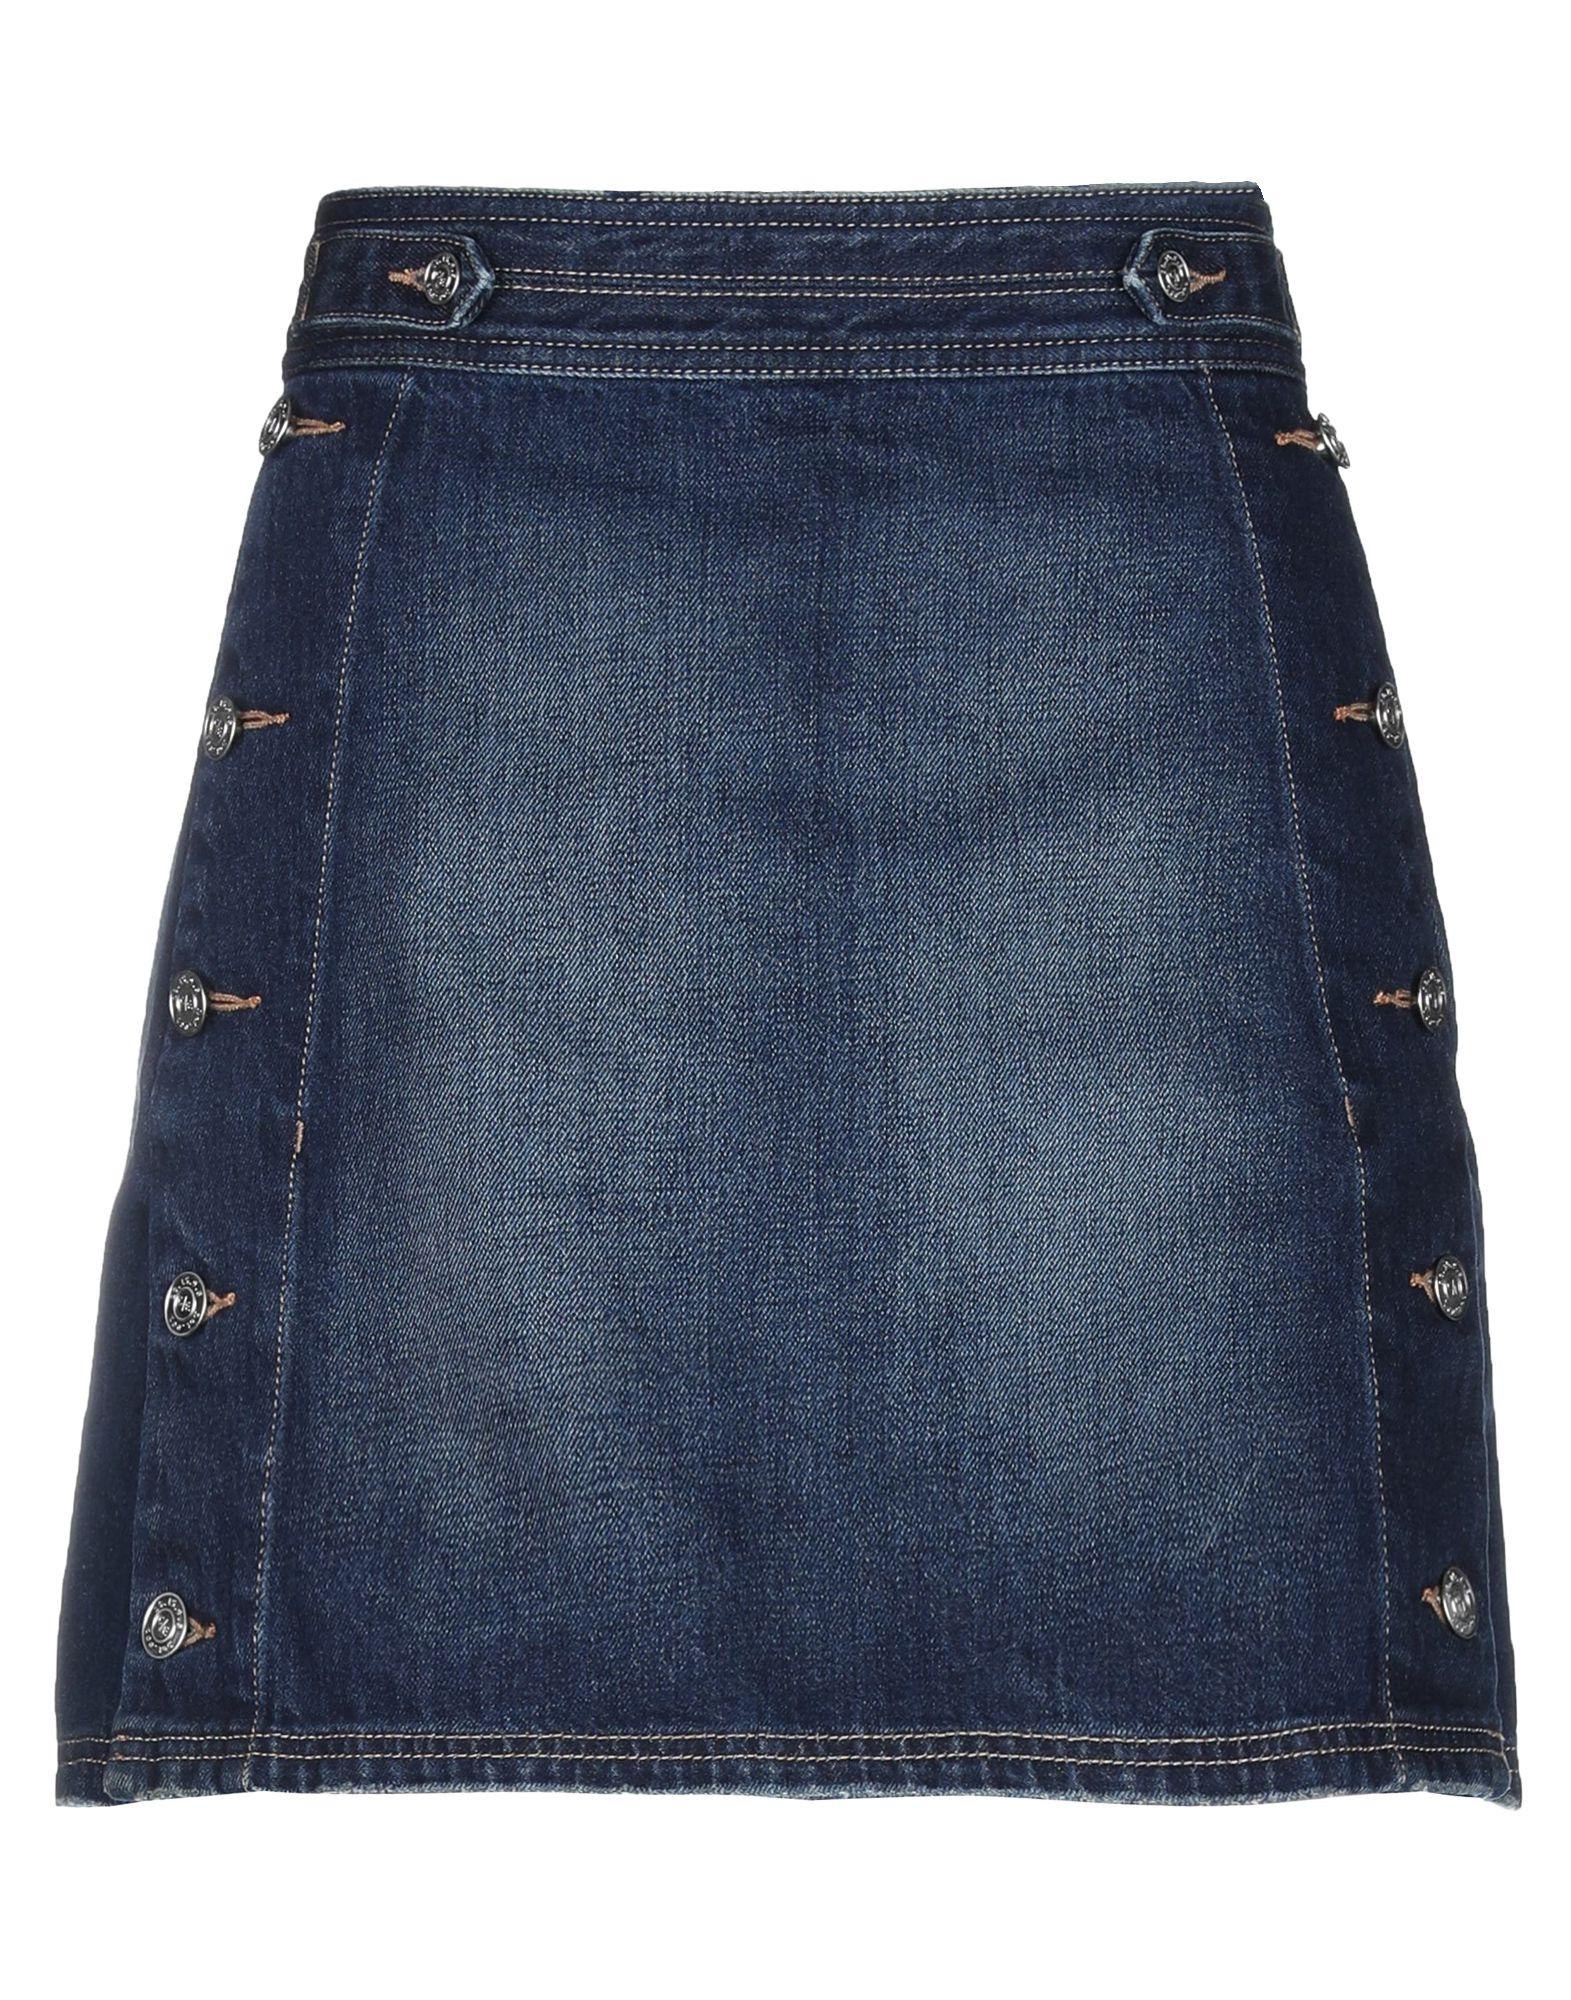 CURRENT/ELLIOTT Джинсовая юбка